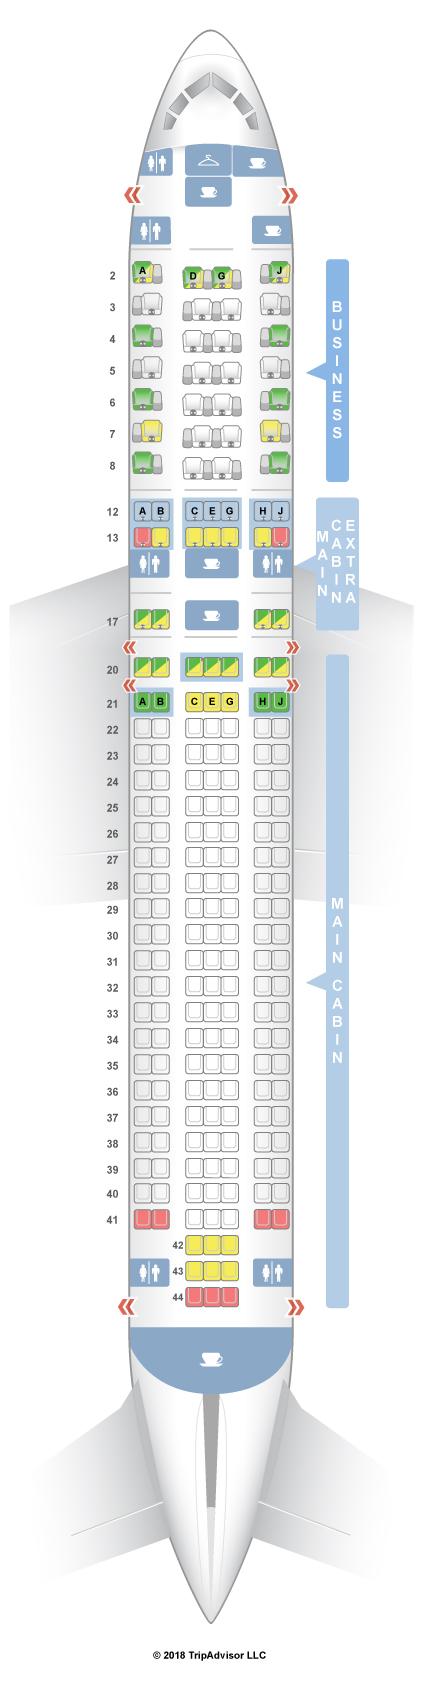 Seatguru Seat Map American Airlines Boeing 767 300 763